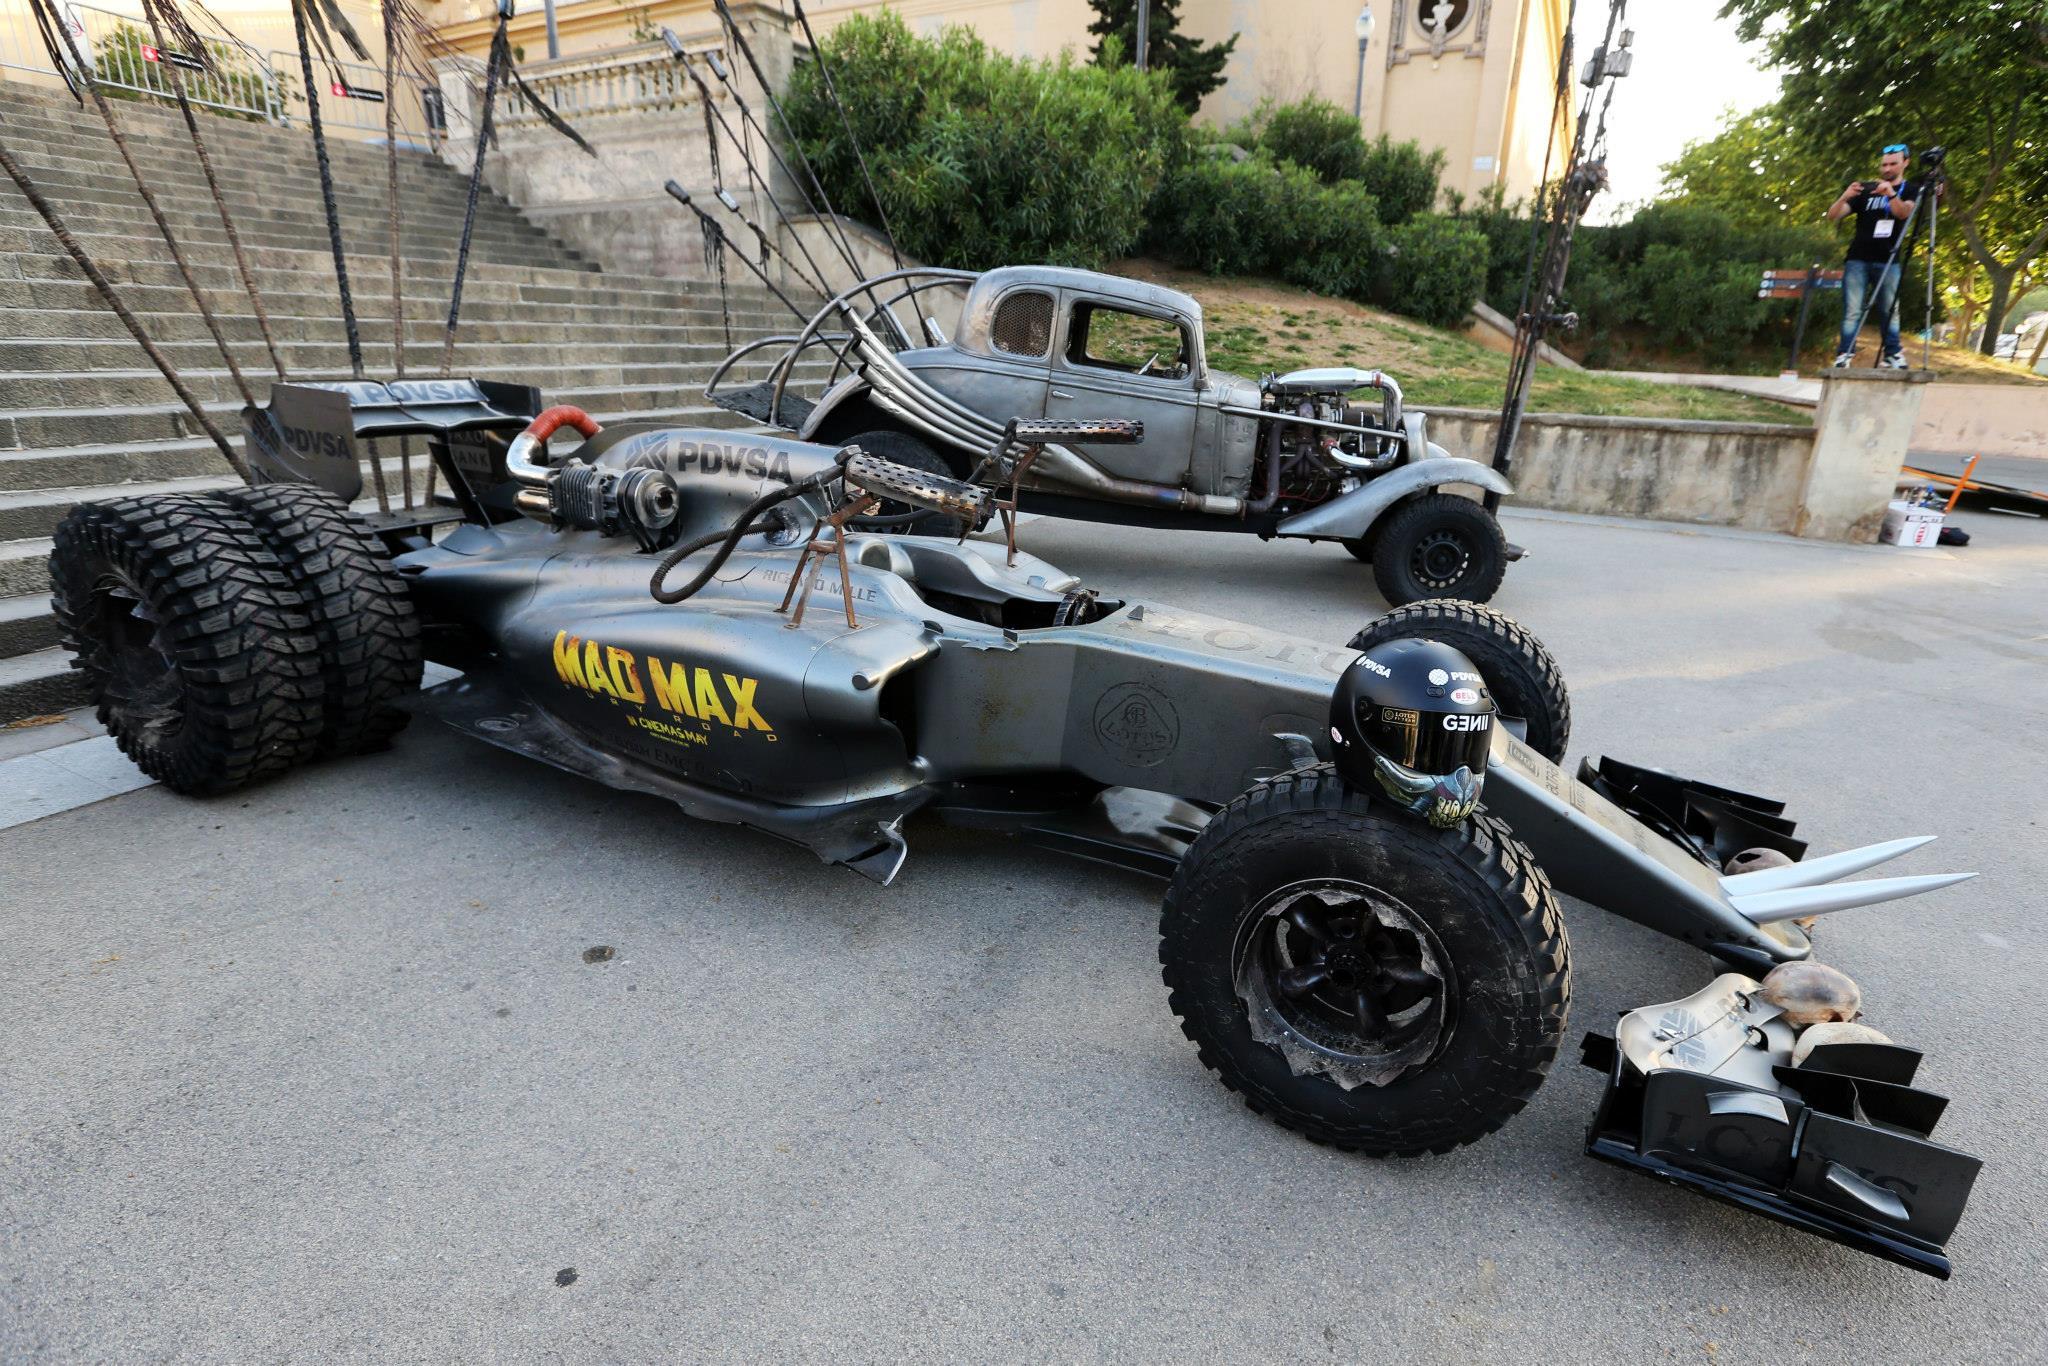 Néhány új kép minden idők legdurvább F1-es autójáról: Mad Max Lotus